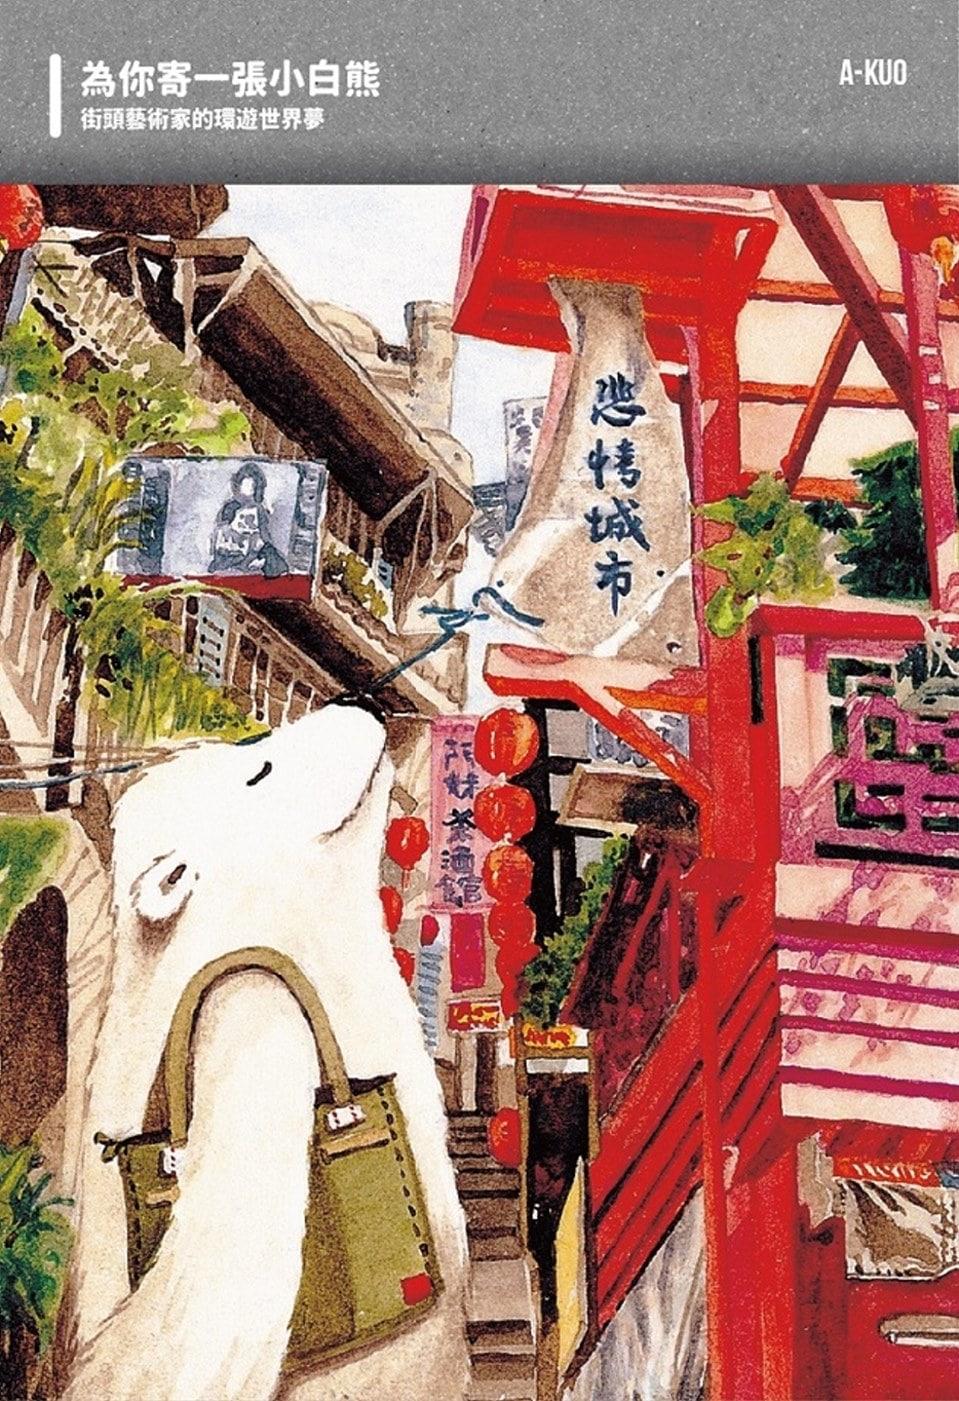 為你寄一張小白熊:街頭藝術家的...